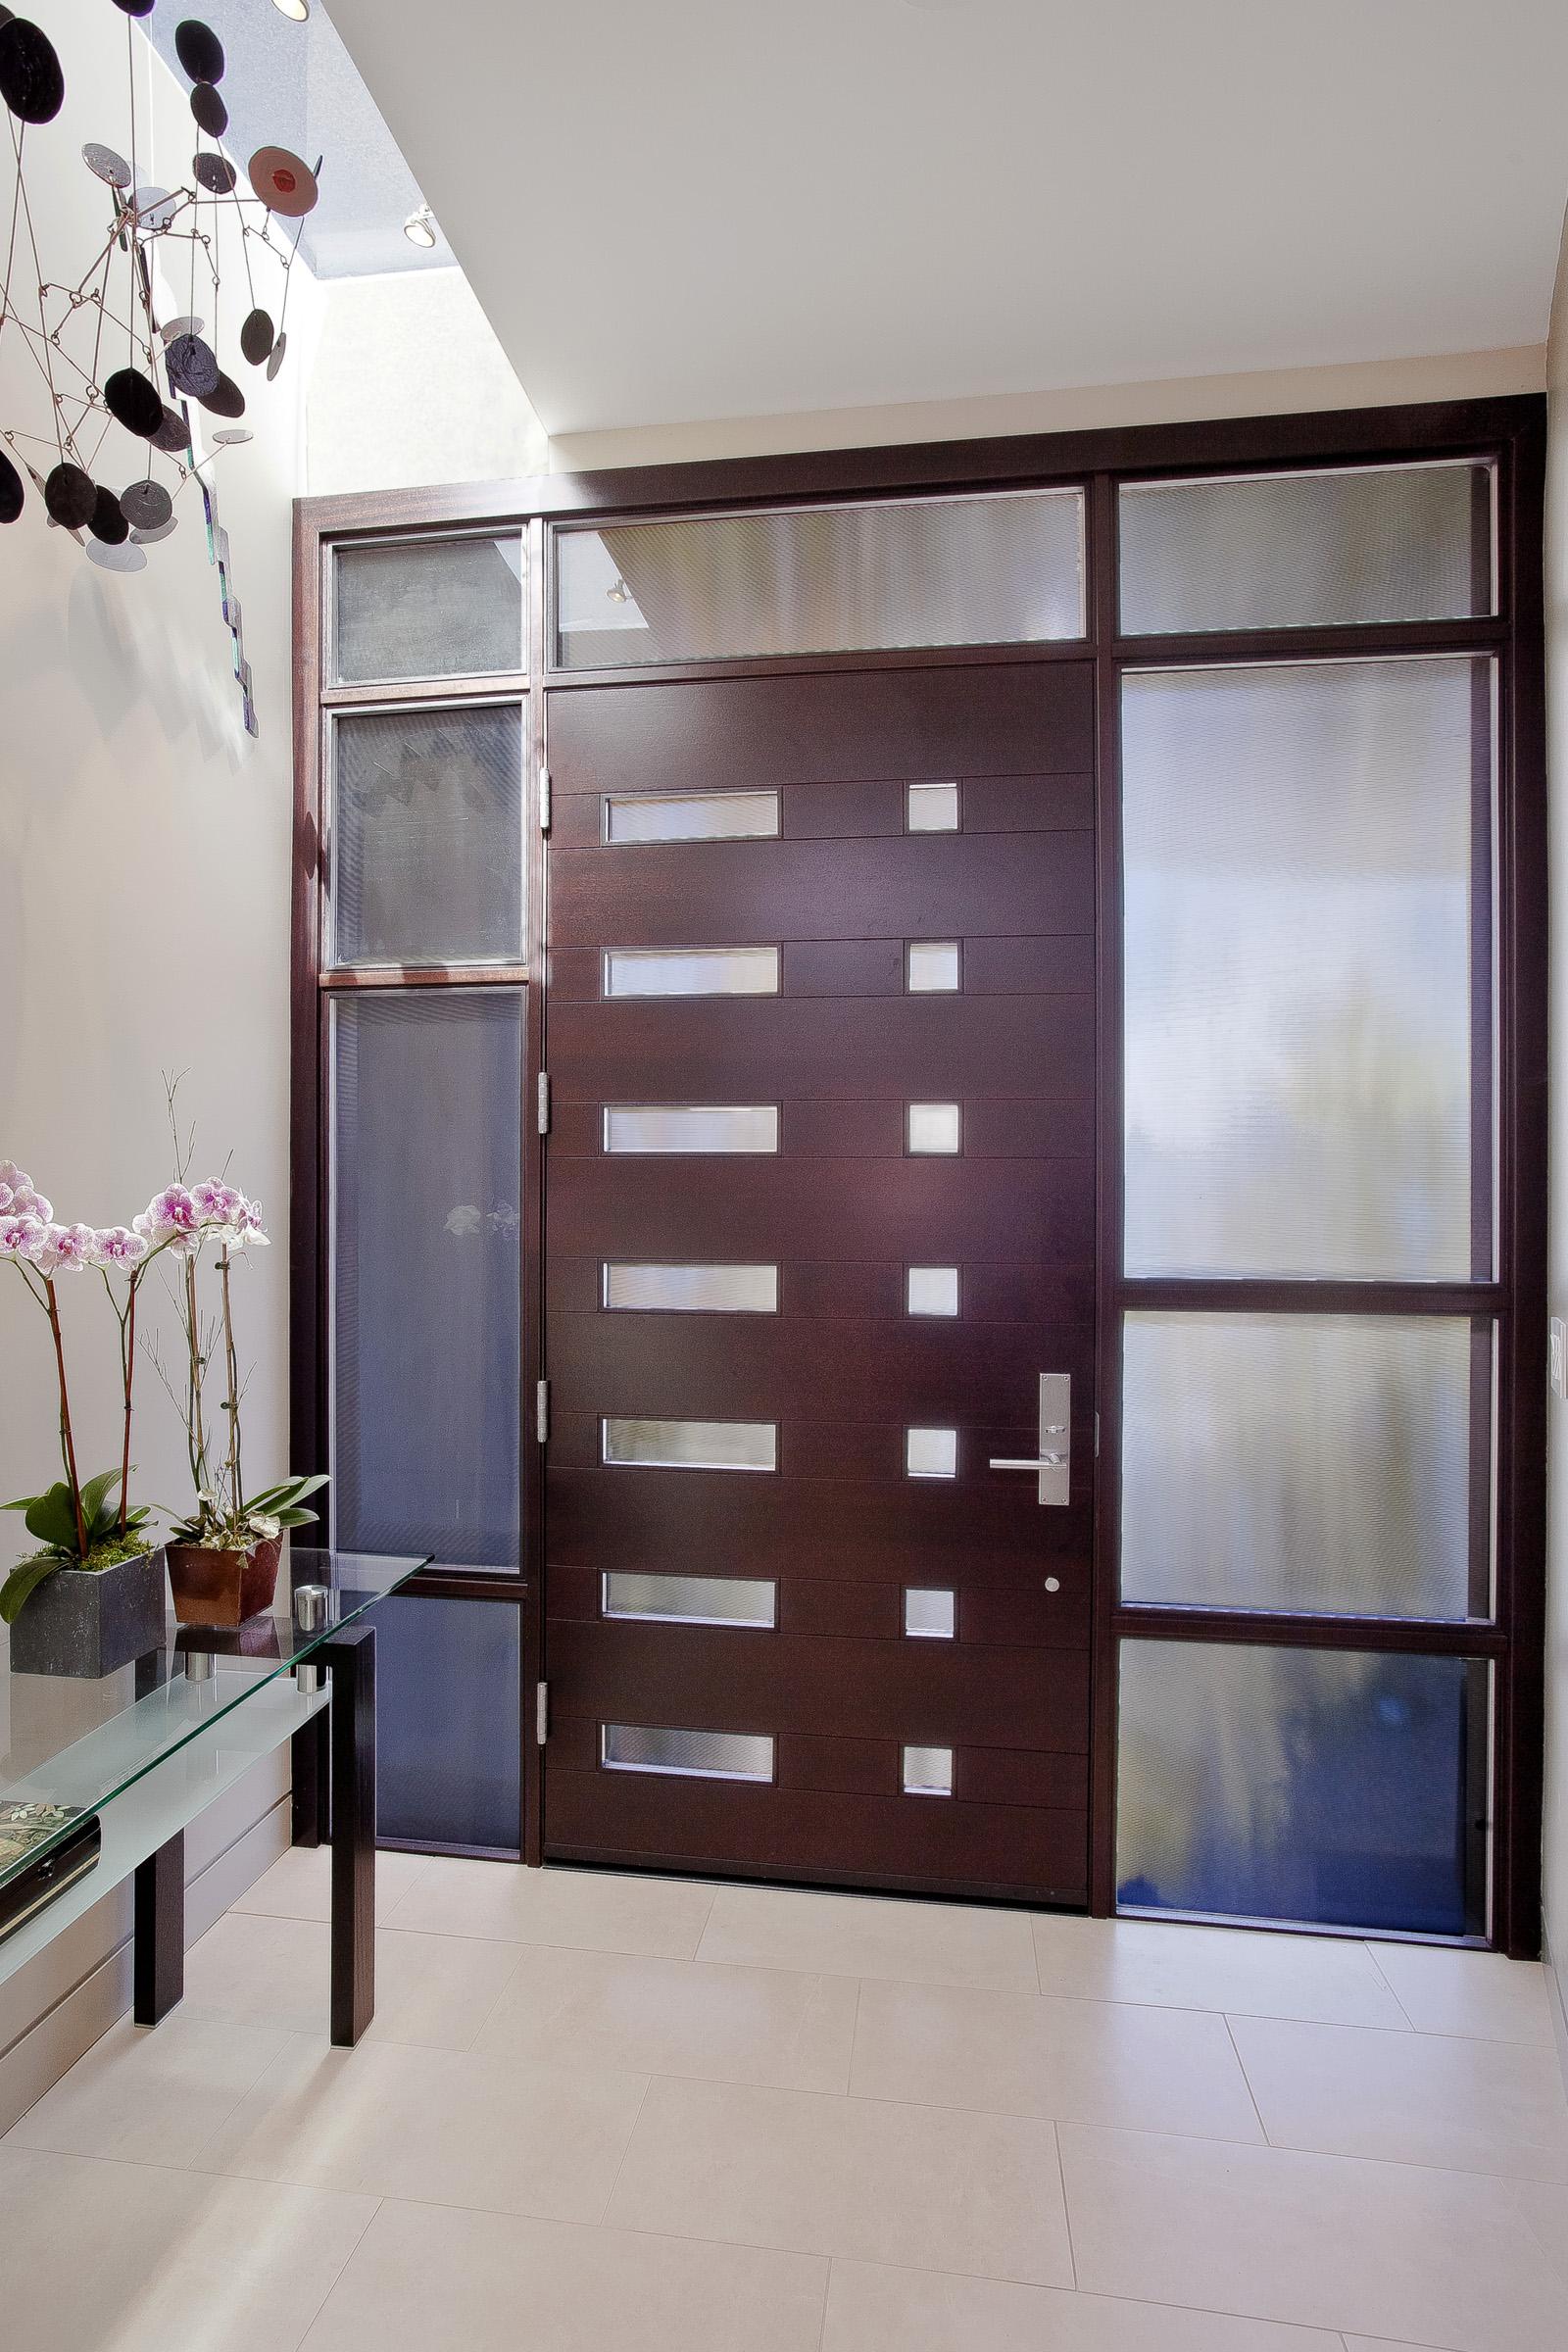 15 La Prenda Front Door Interior.jpg